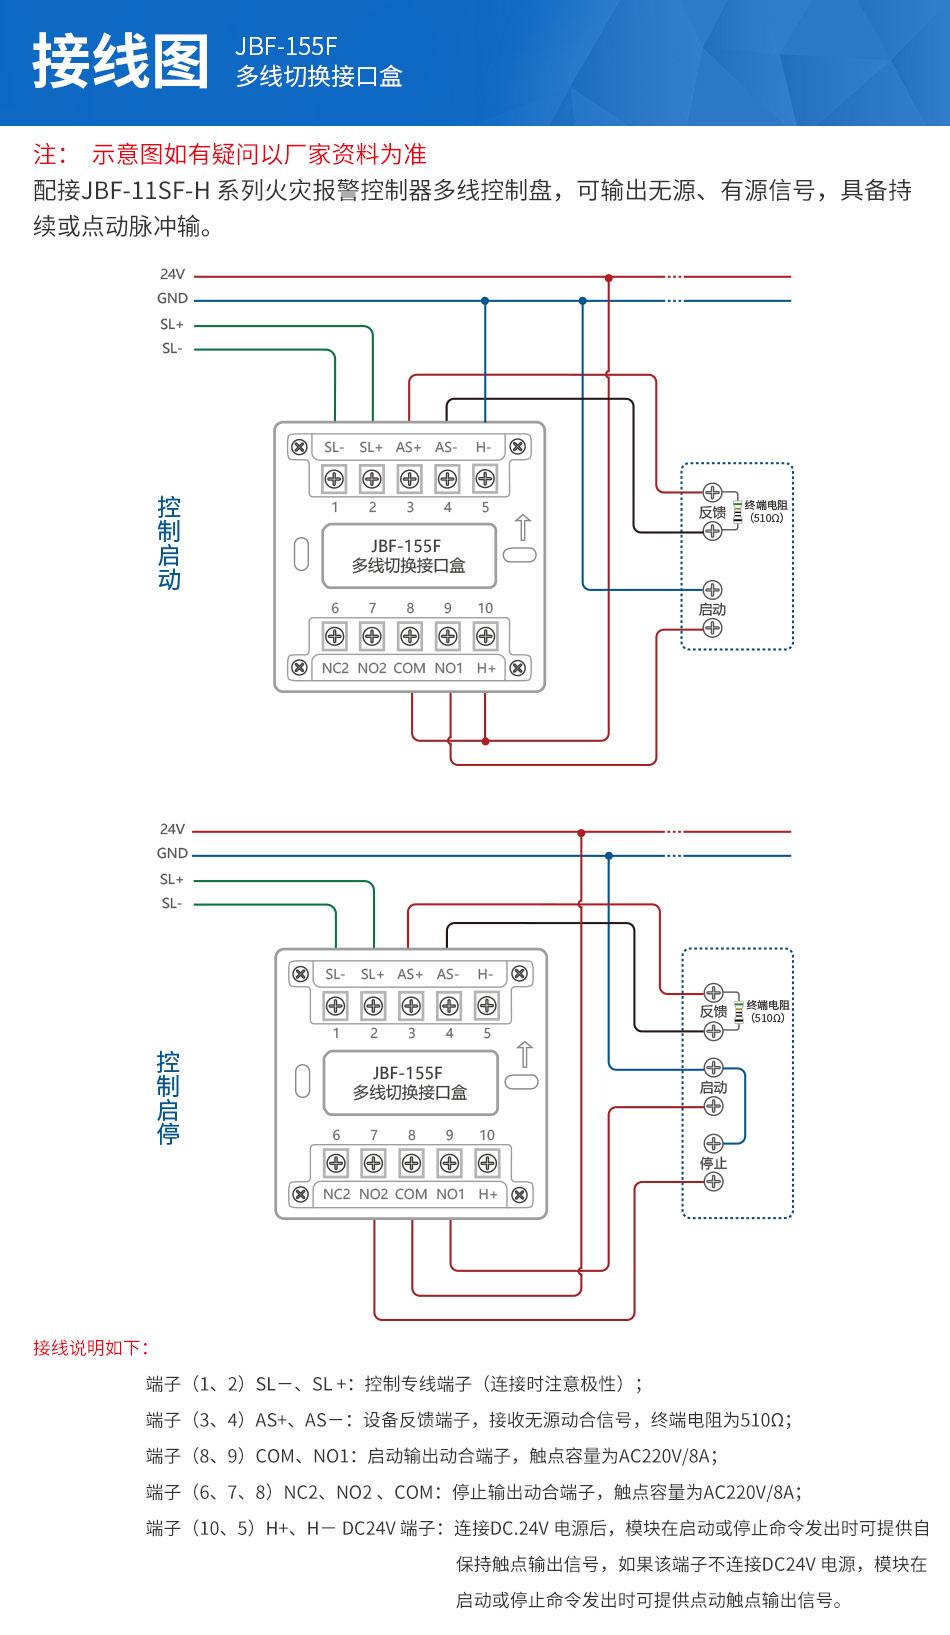 jbf-155f多线切换接口盒是非编码型,用于交直流转换控制,双切换,一